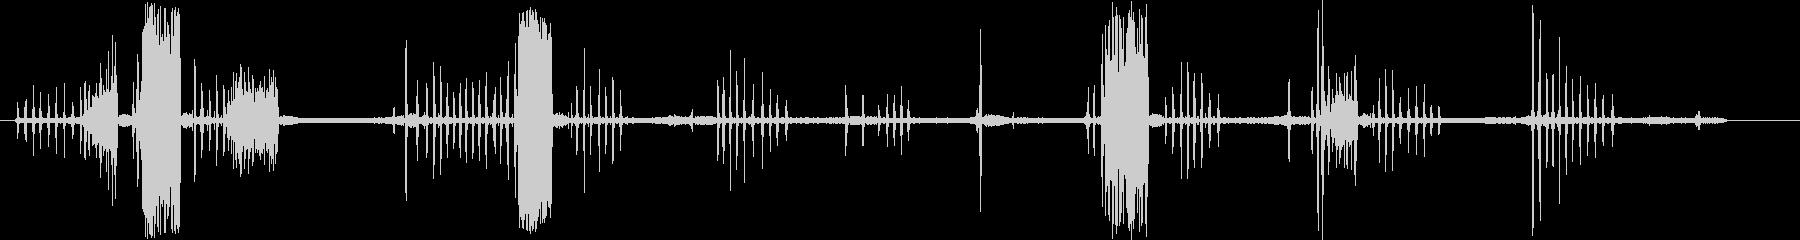 アナグマのうなり声、悲鳴。複数のう...の未再生の波形